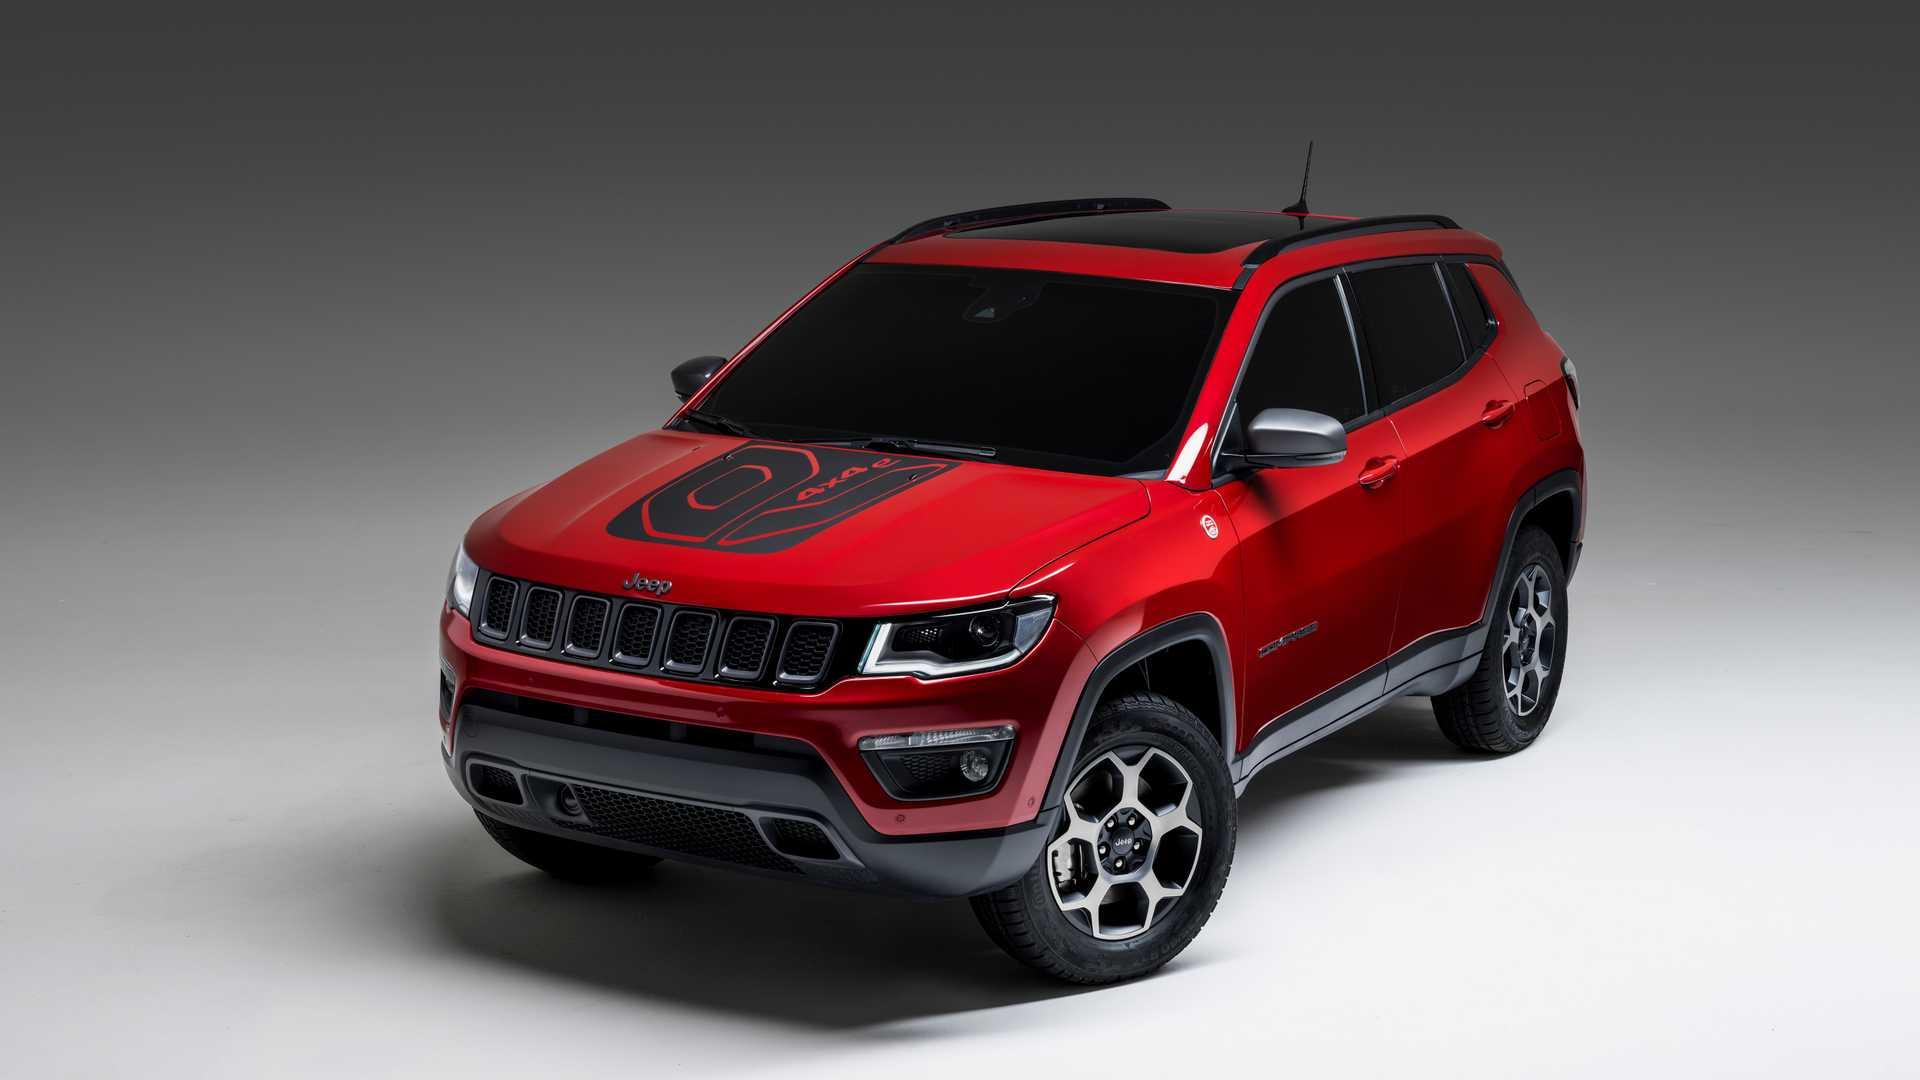 22 Gallery of Jeep Compass 2020 Quando Chega Wallpaper by Jeep Compass 2020 Quando Chega